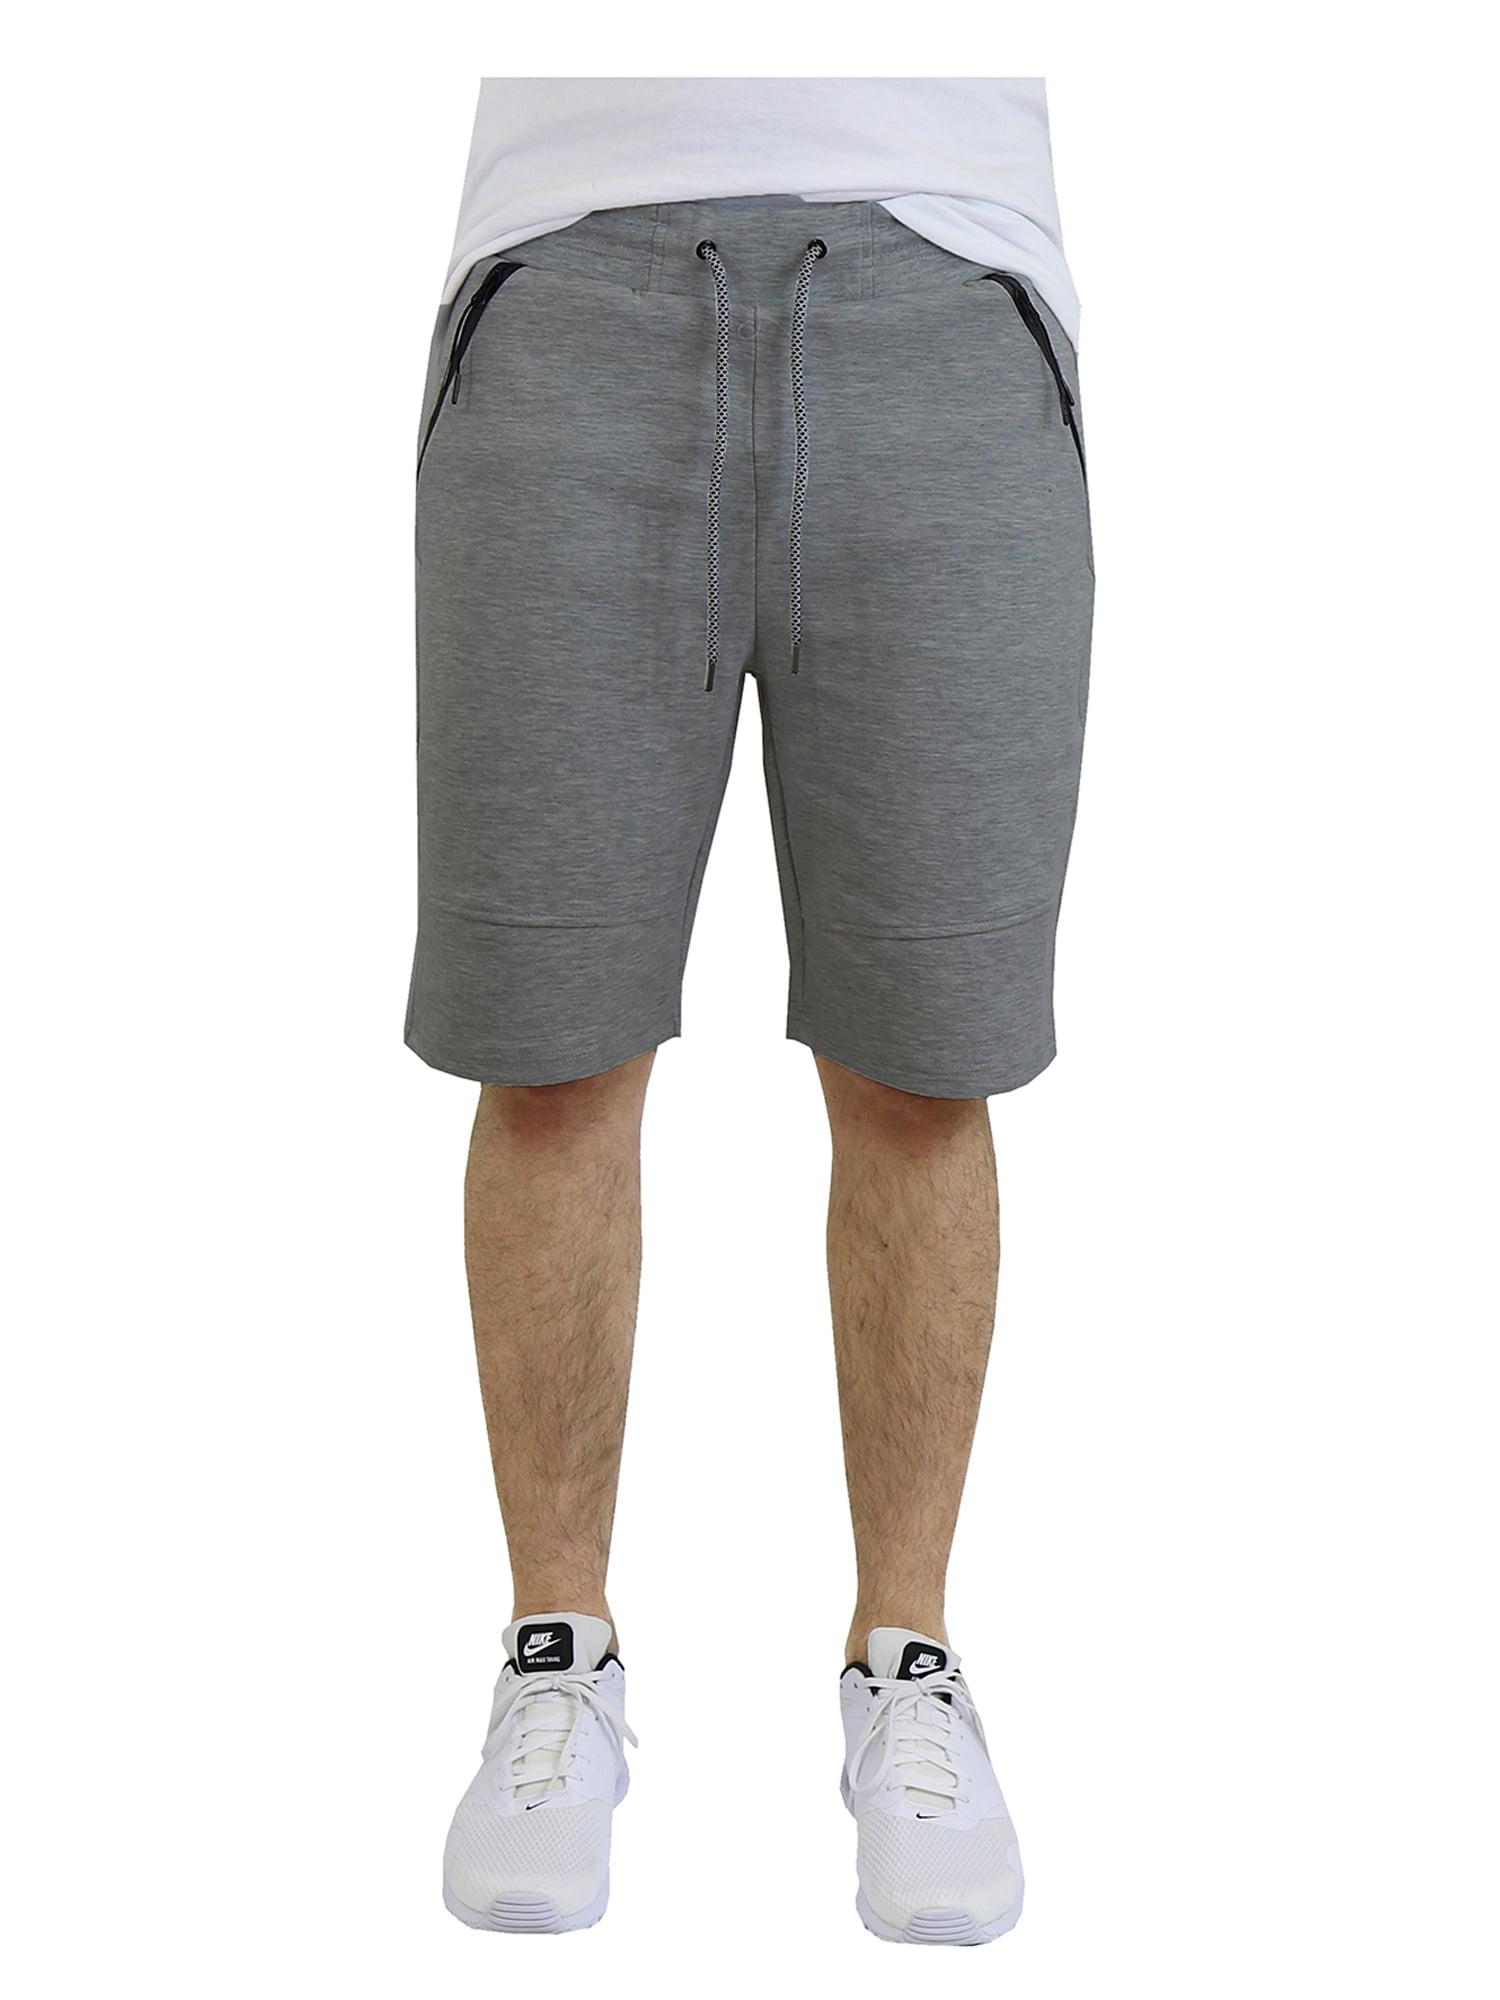 Mens Tech Fleece Shorts With Zipper Pockets